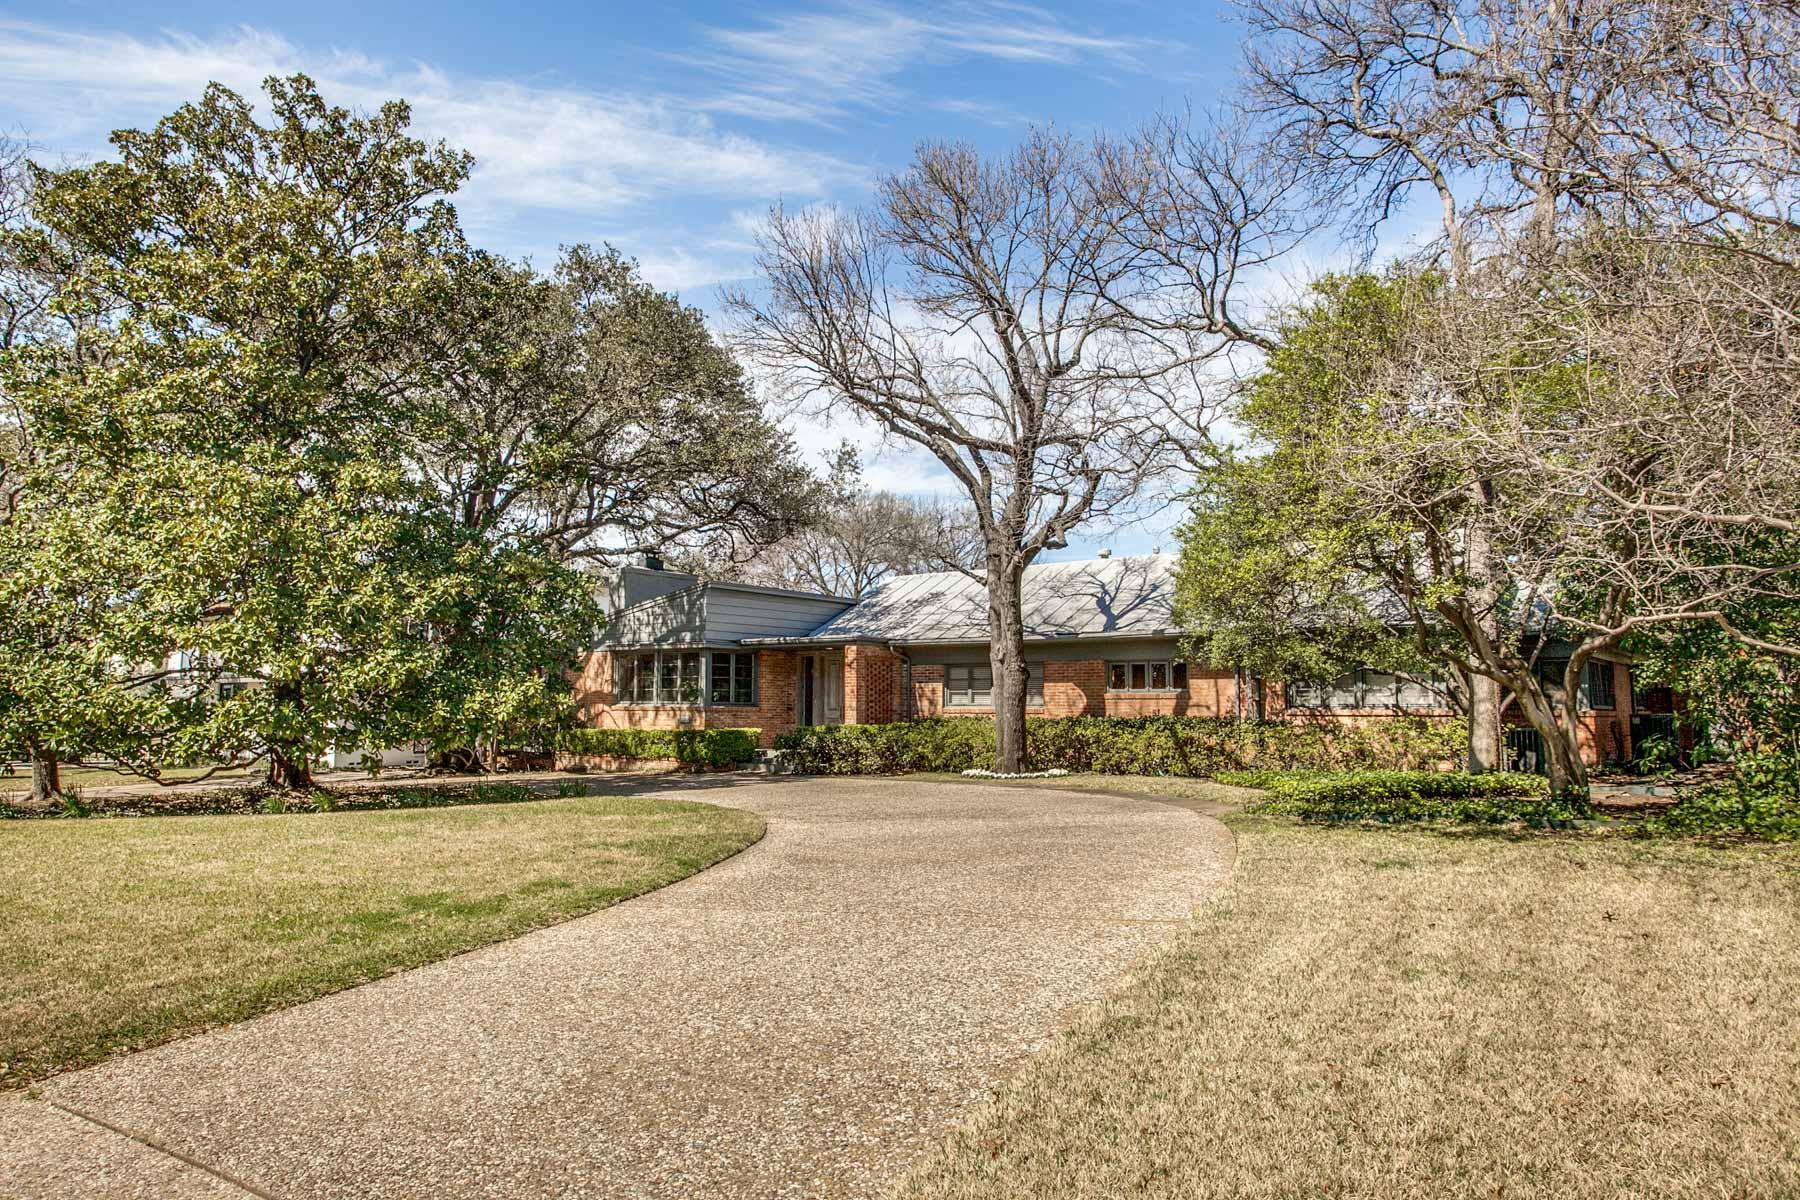 단독 가정 주택 용 매매 에 Exceptional Greenway Park Mid-Century Gem 5337 Wenonah Dr Dallas, 텍사스, 75209 미국